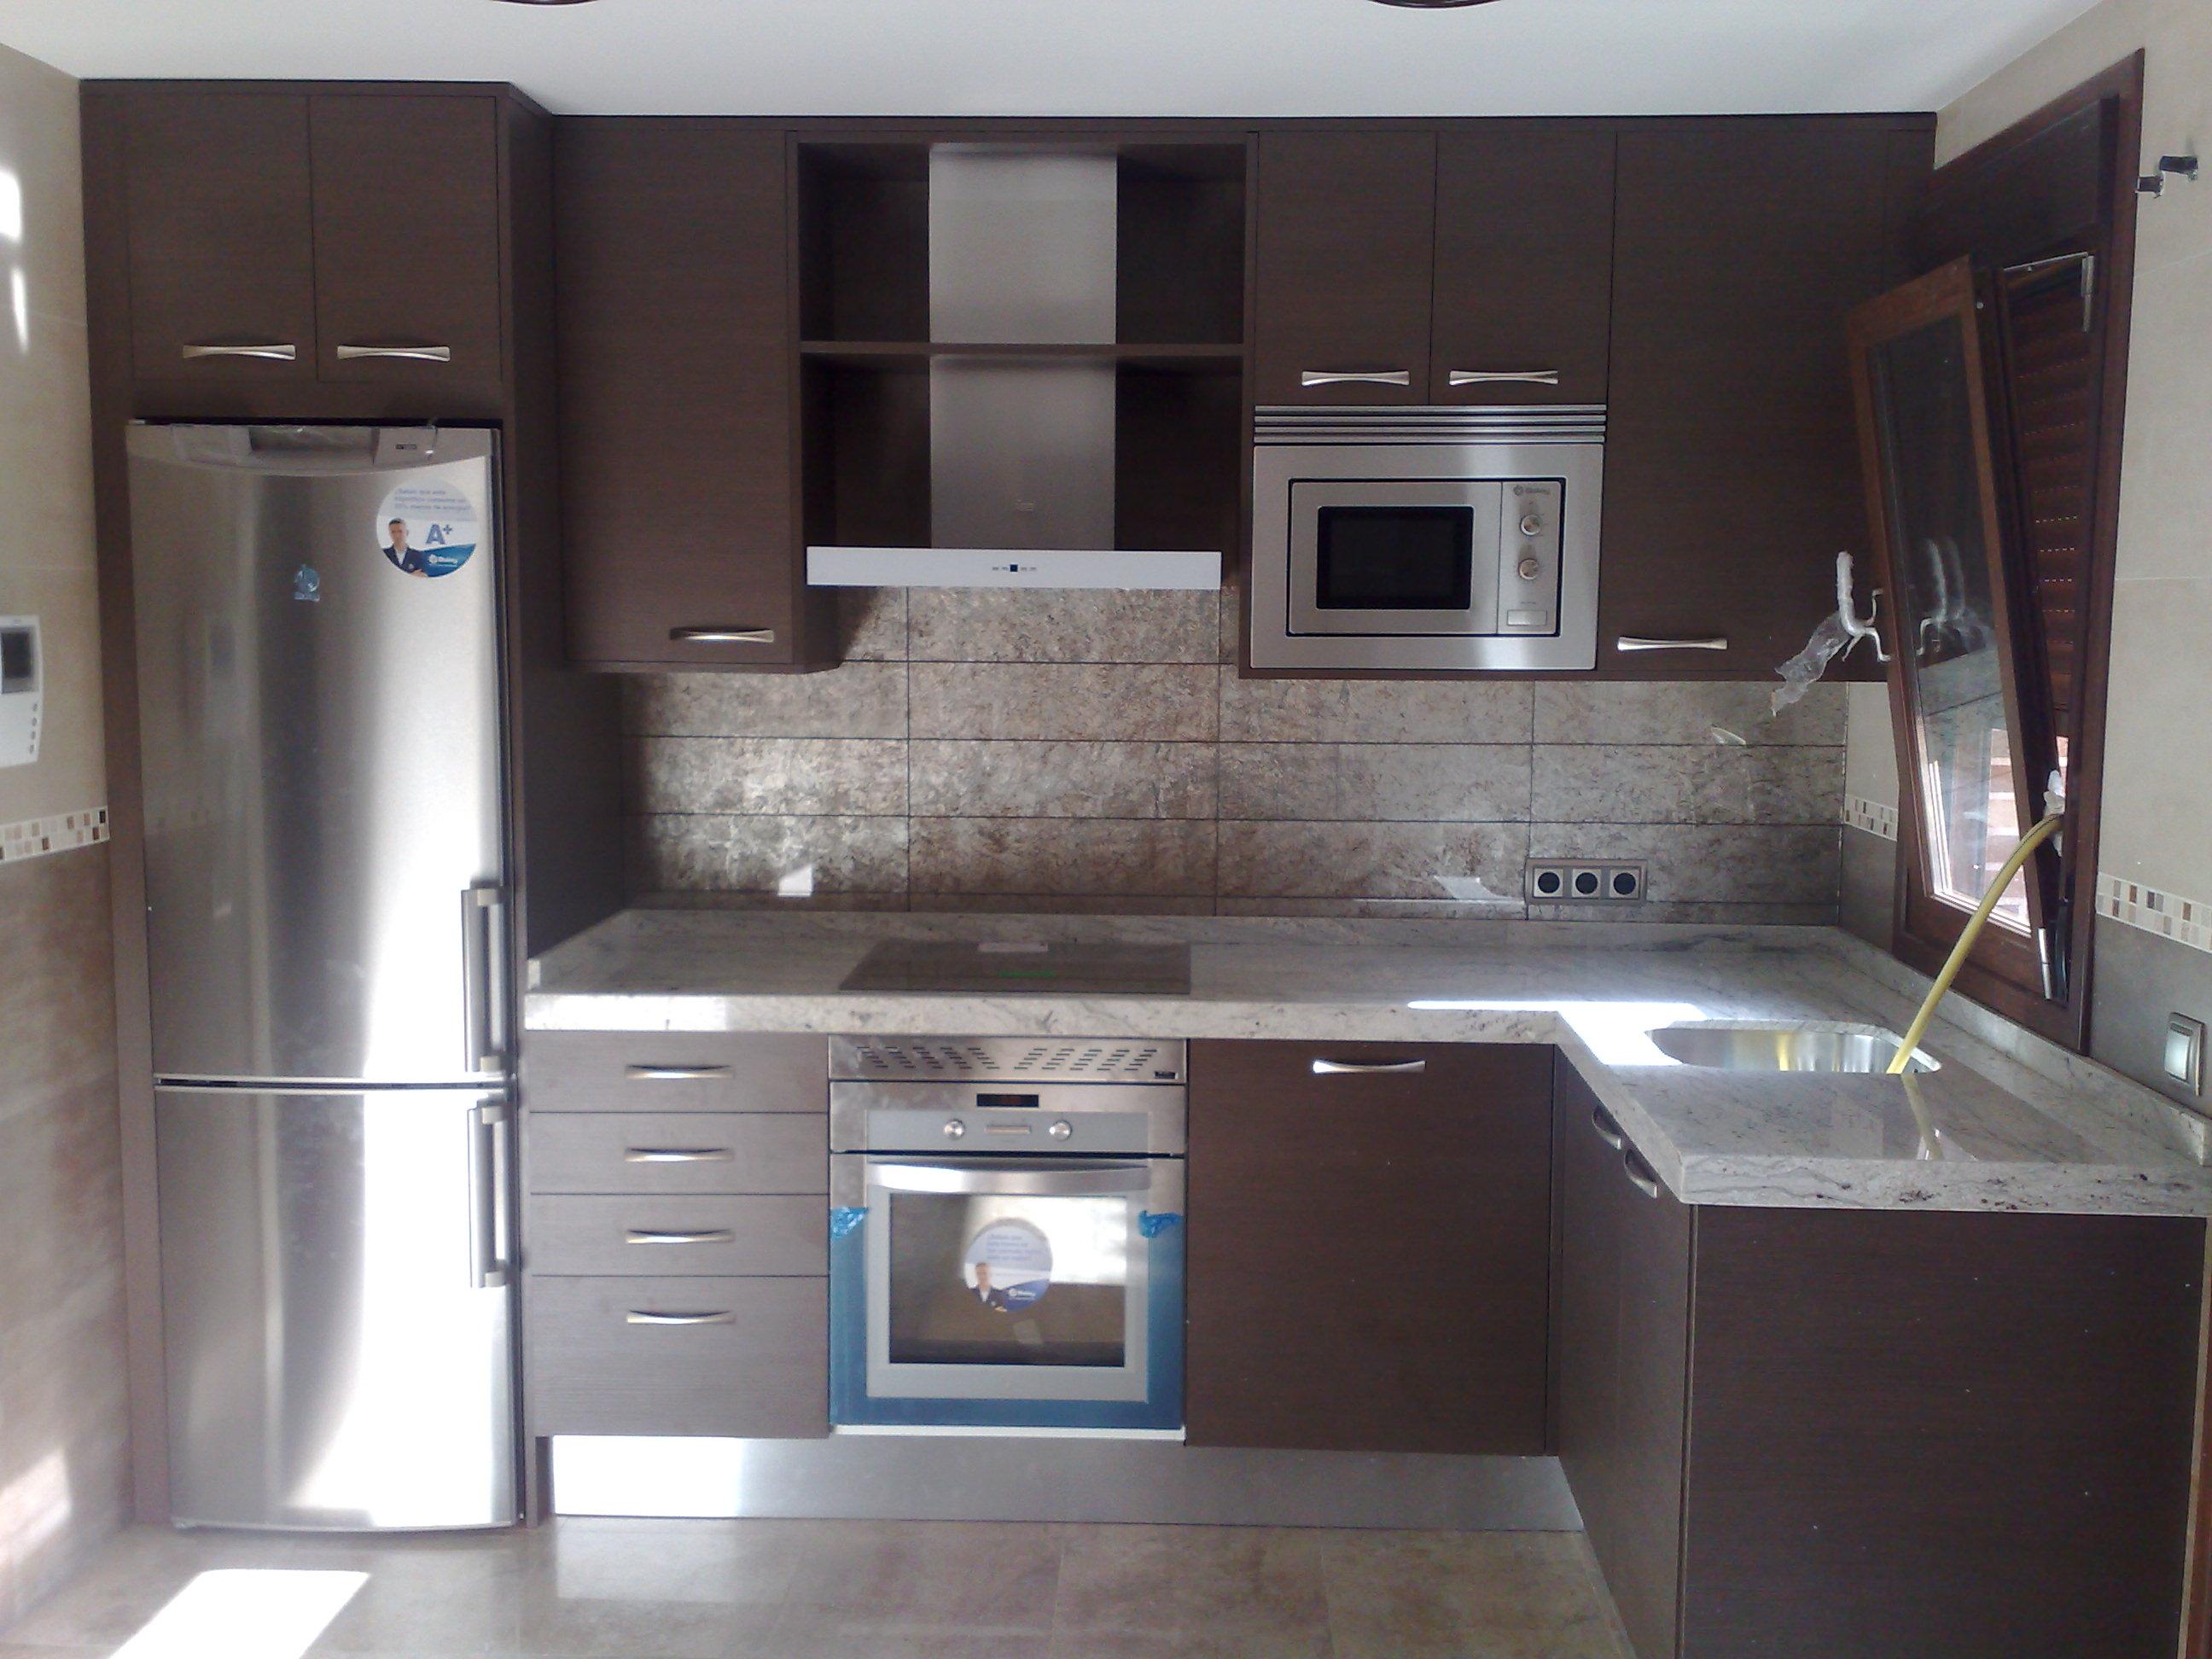 Muebles valdecocina muebles de cocina for Muebles de cocina para montar